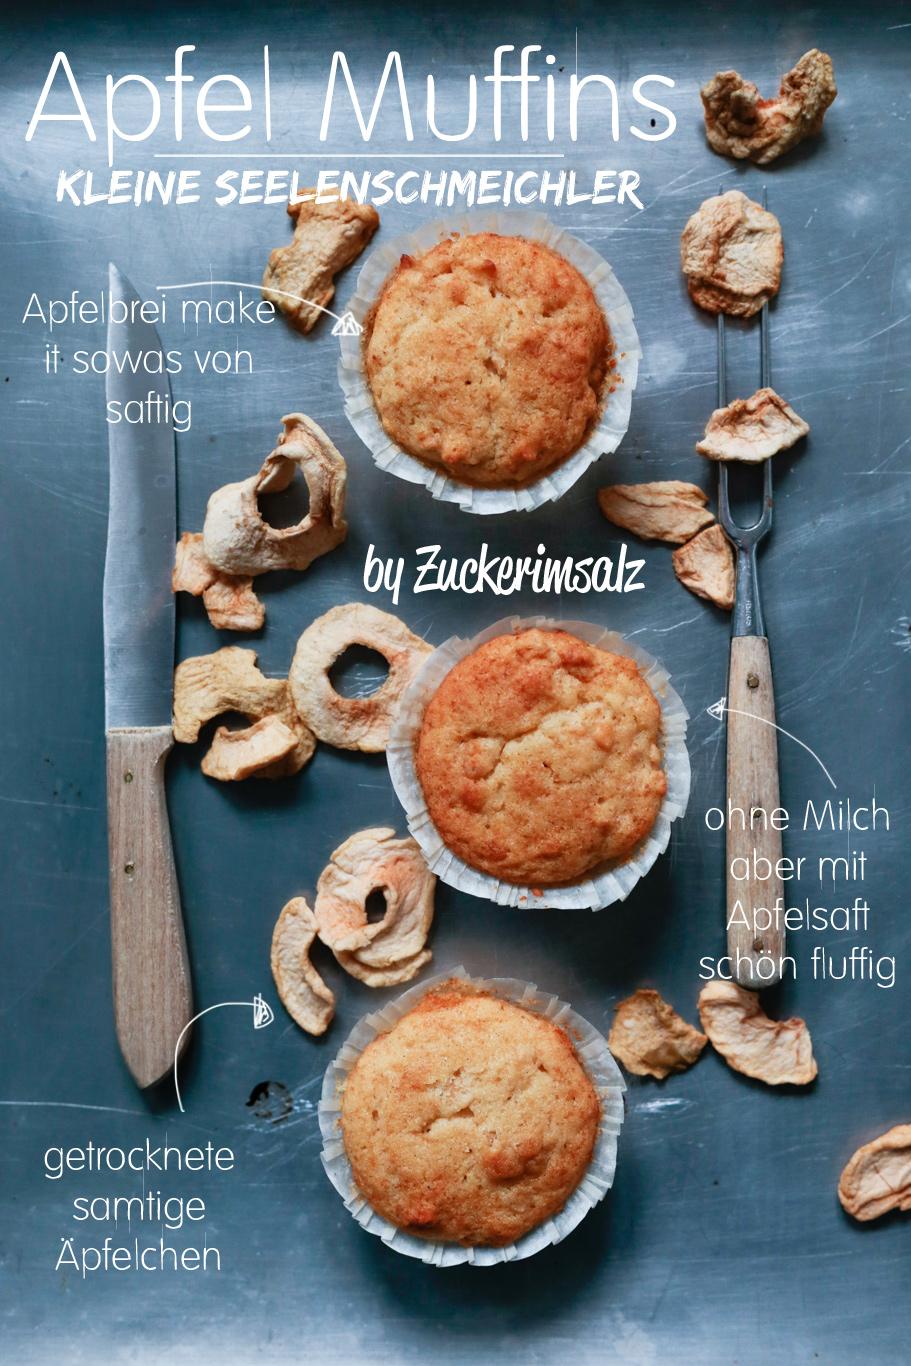 Apfel Muffins … kleine Seelenschmeichler